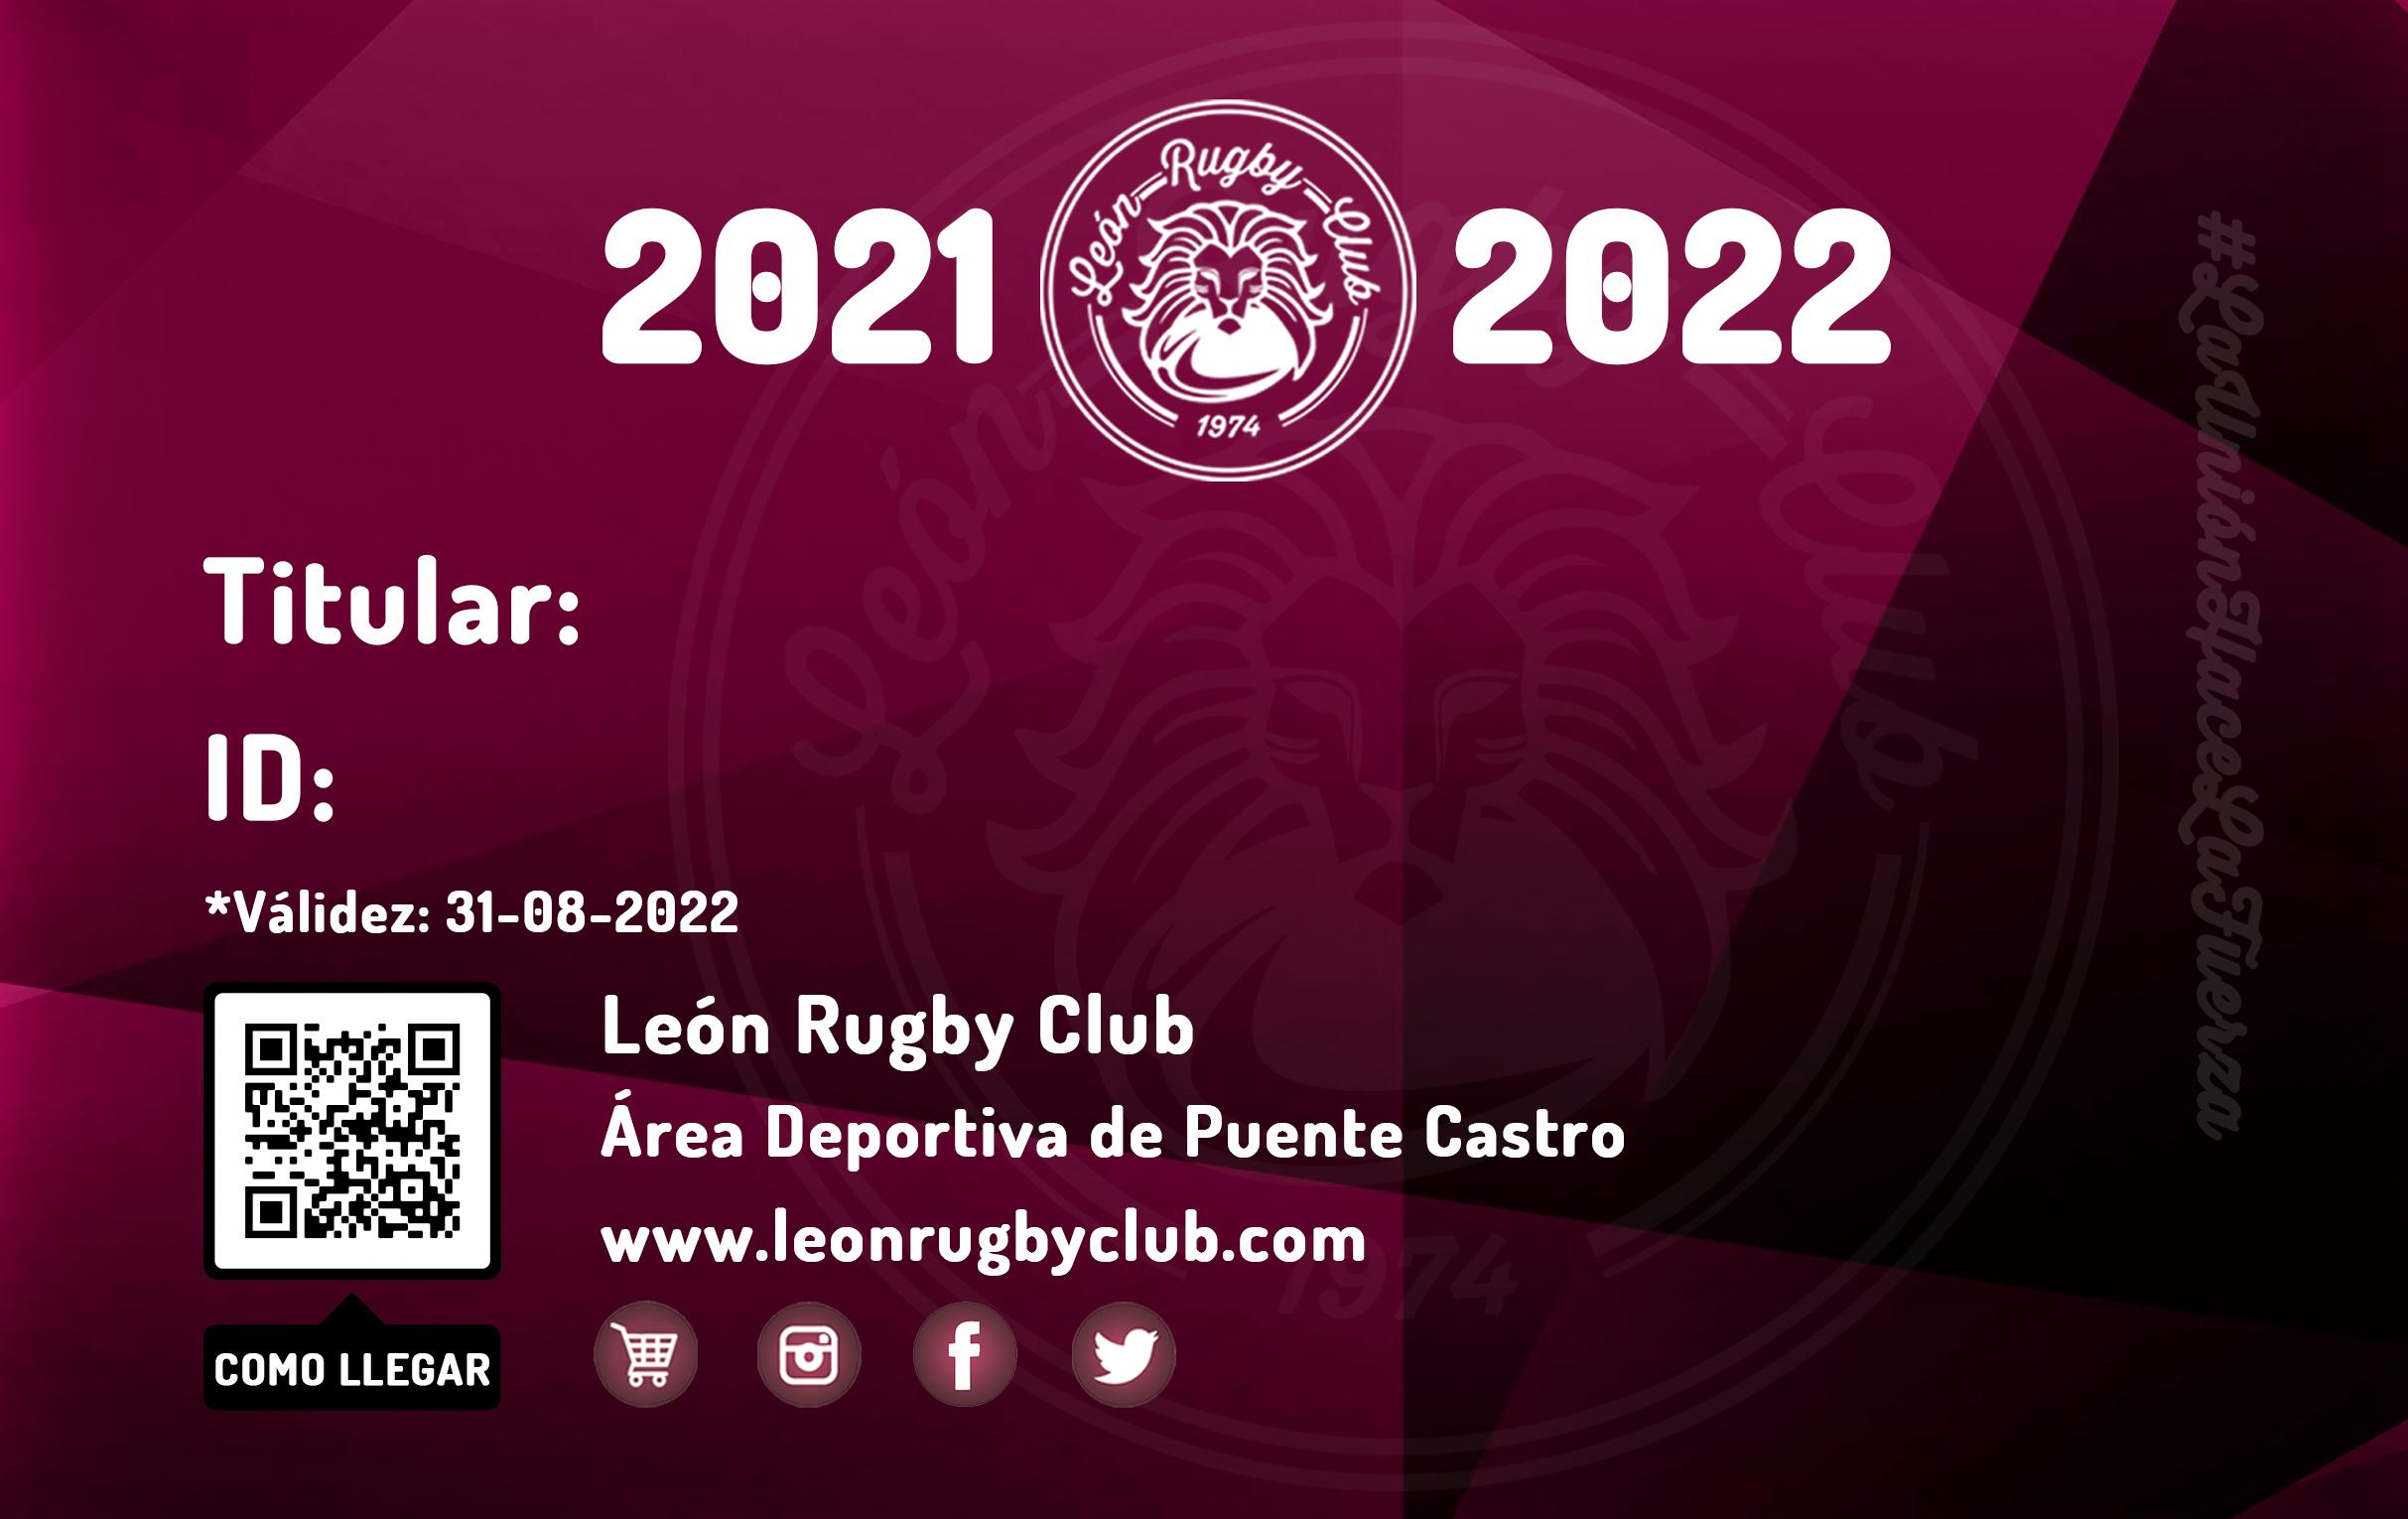 Carnet 2021-2022 León Rugby Club